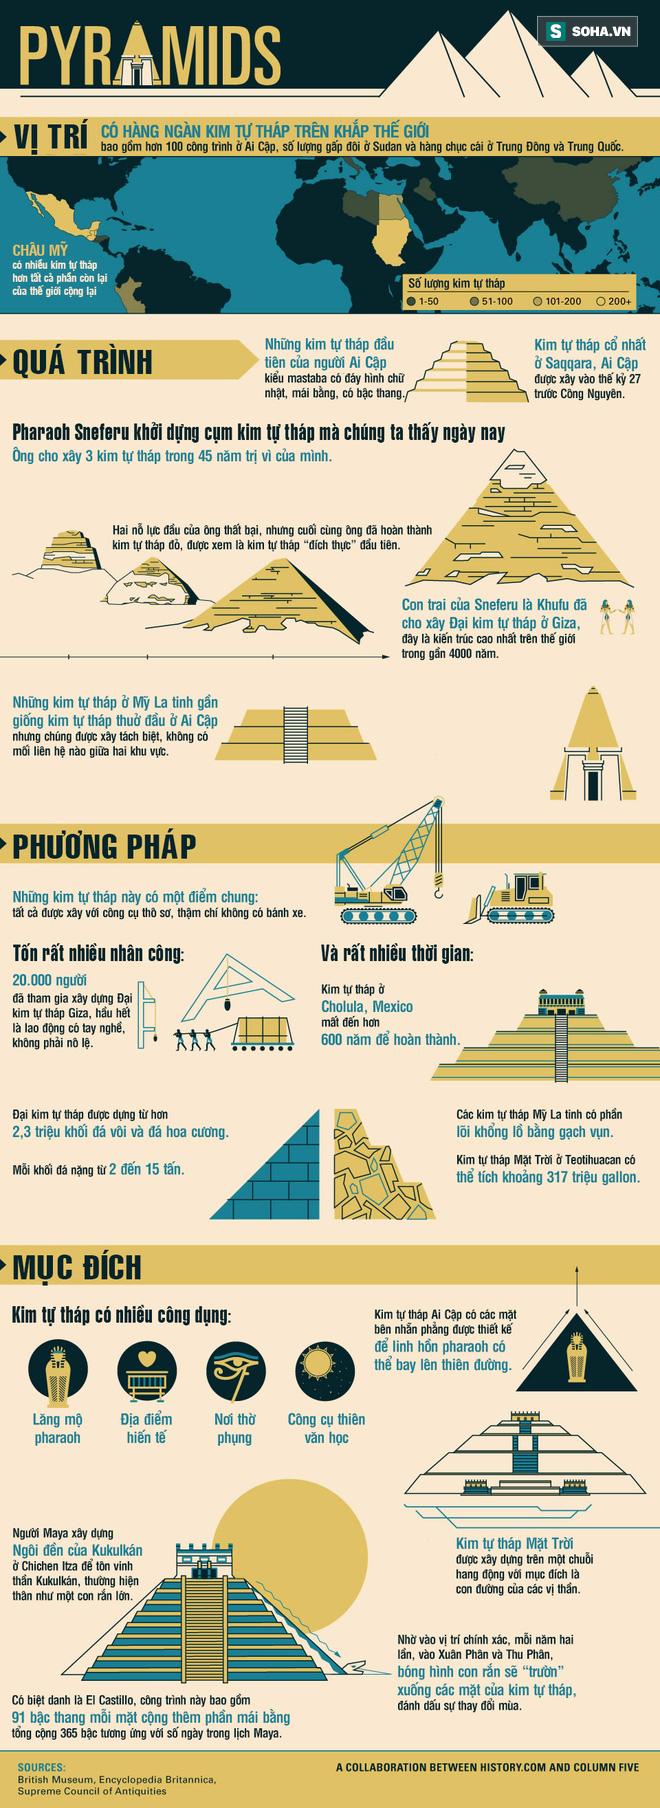 Một infographic, ba phút đọc và nghìn lẻ một bí mật về kim tự tháp! - Ảnh 1.